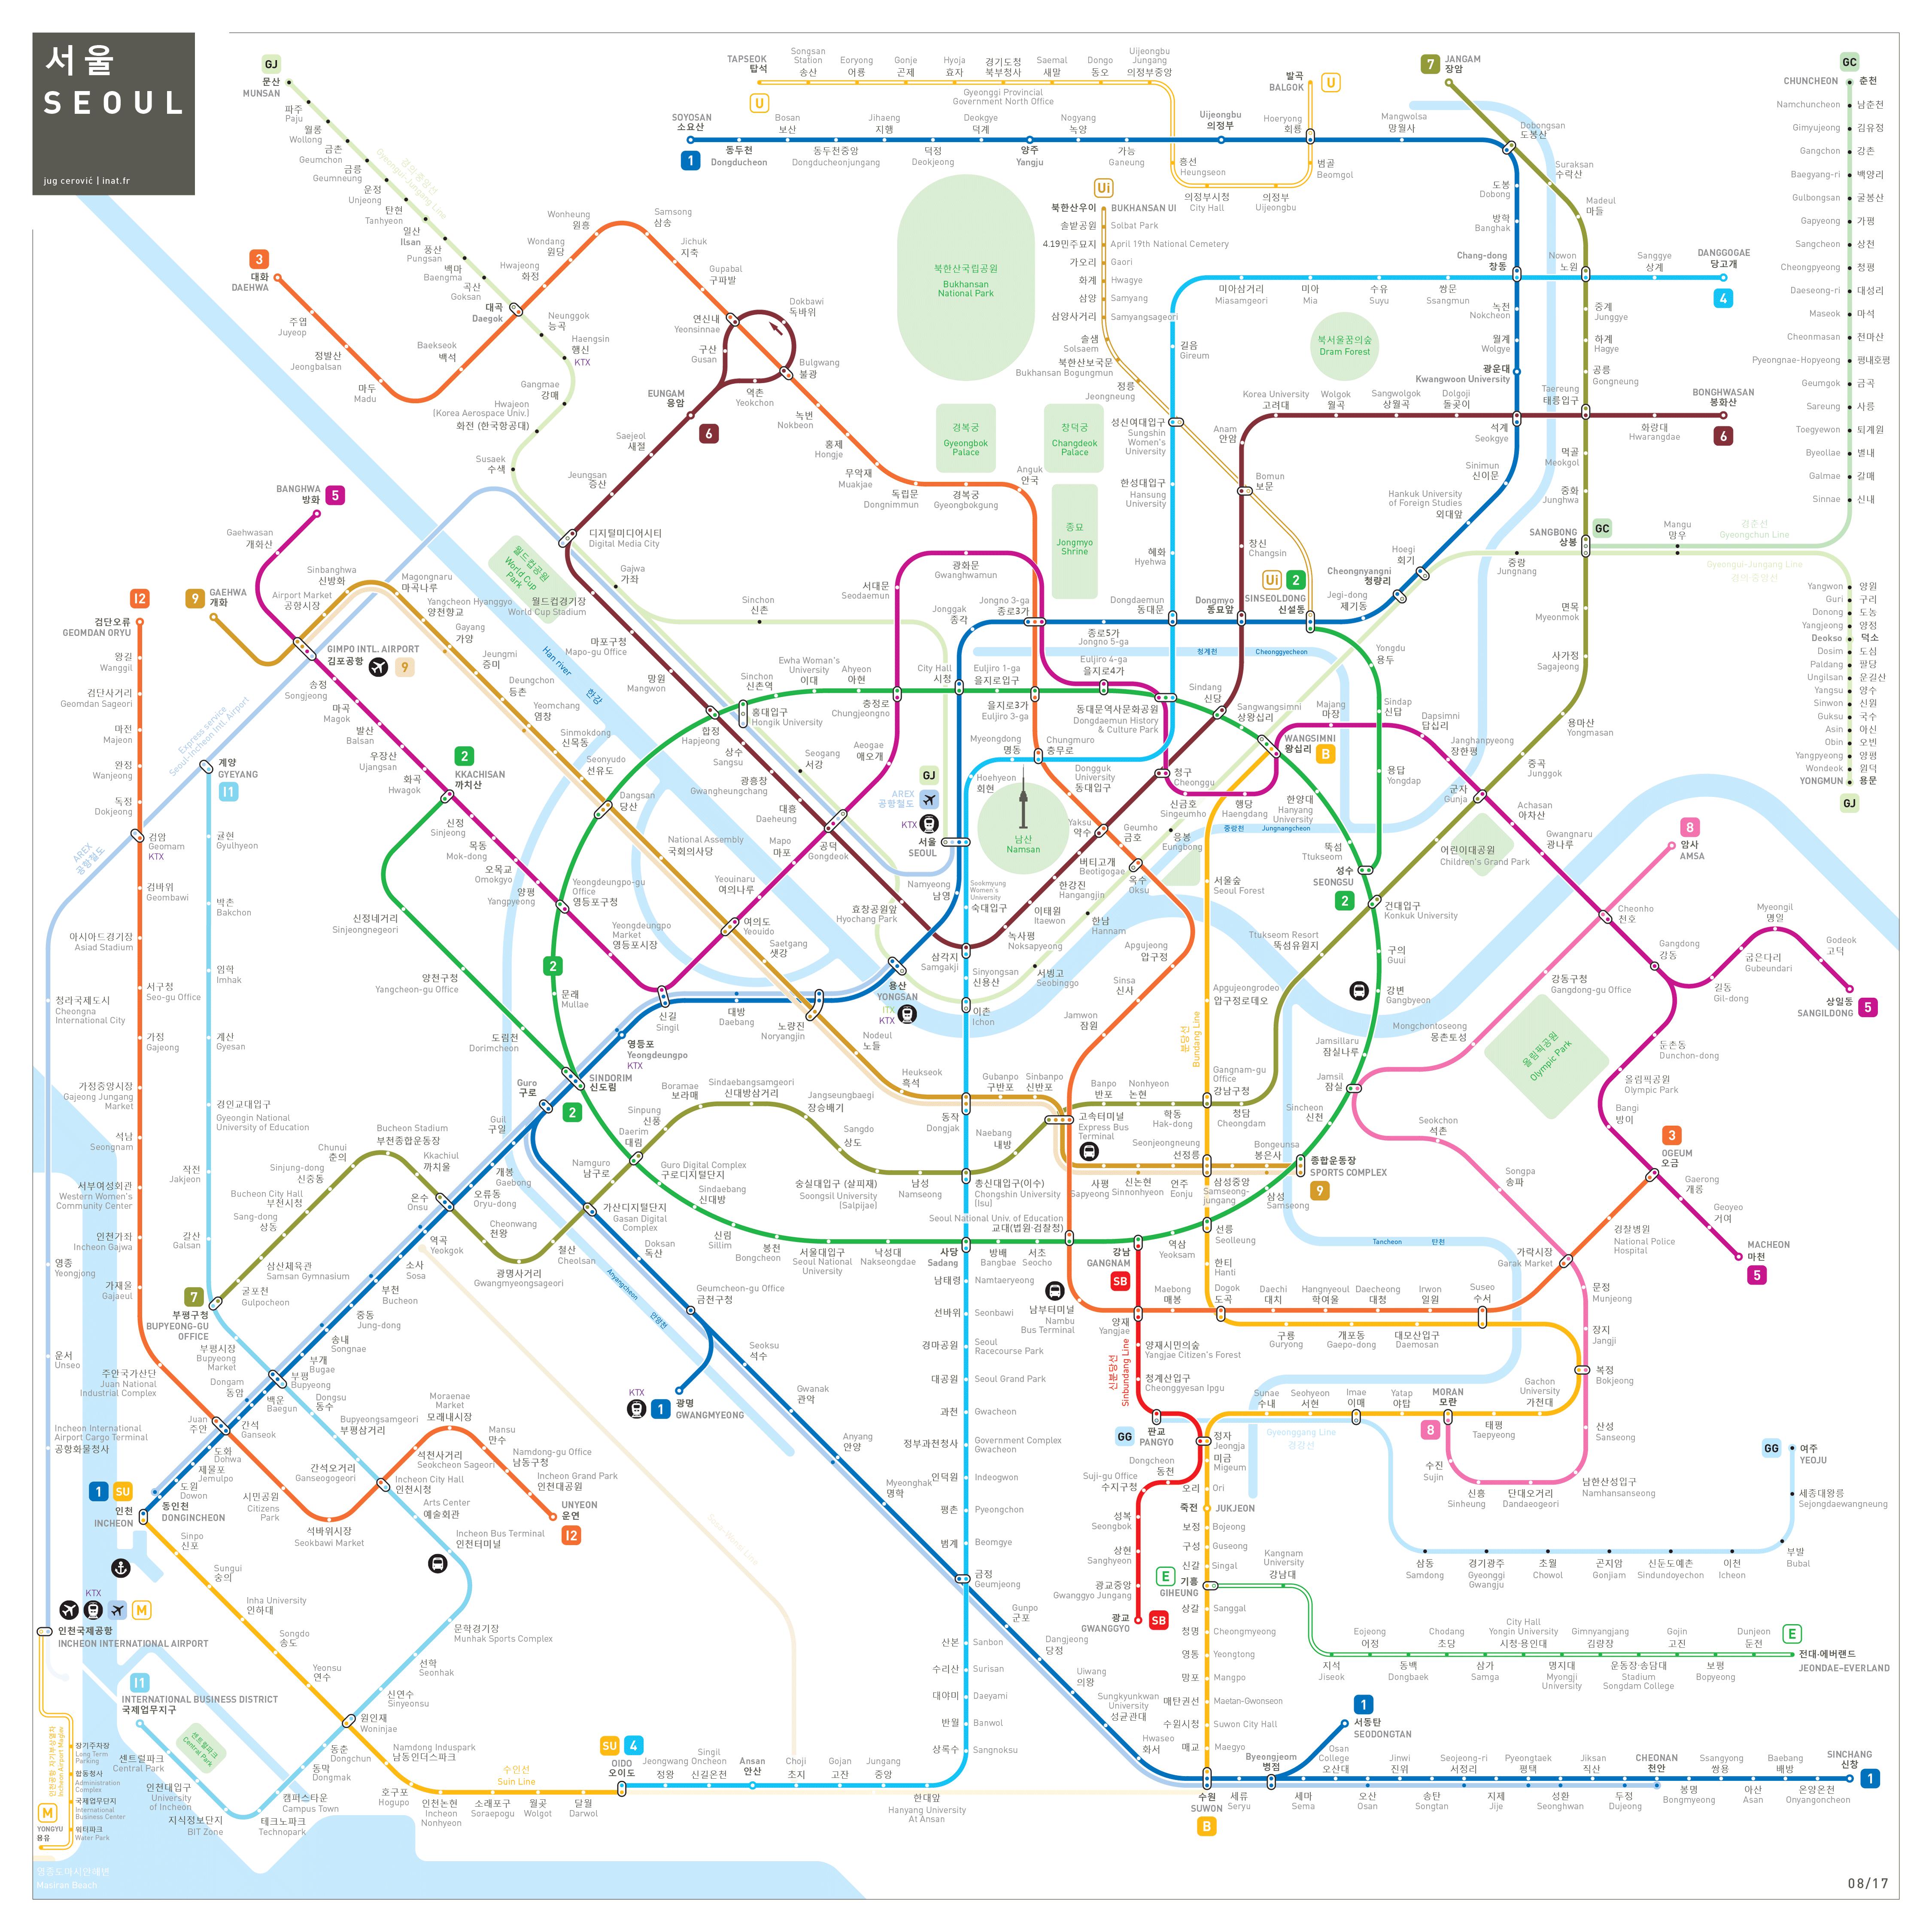 Схема метро сеула на русском языке фото 748